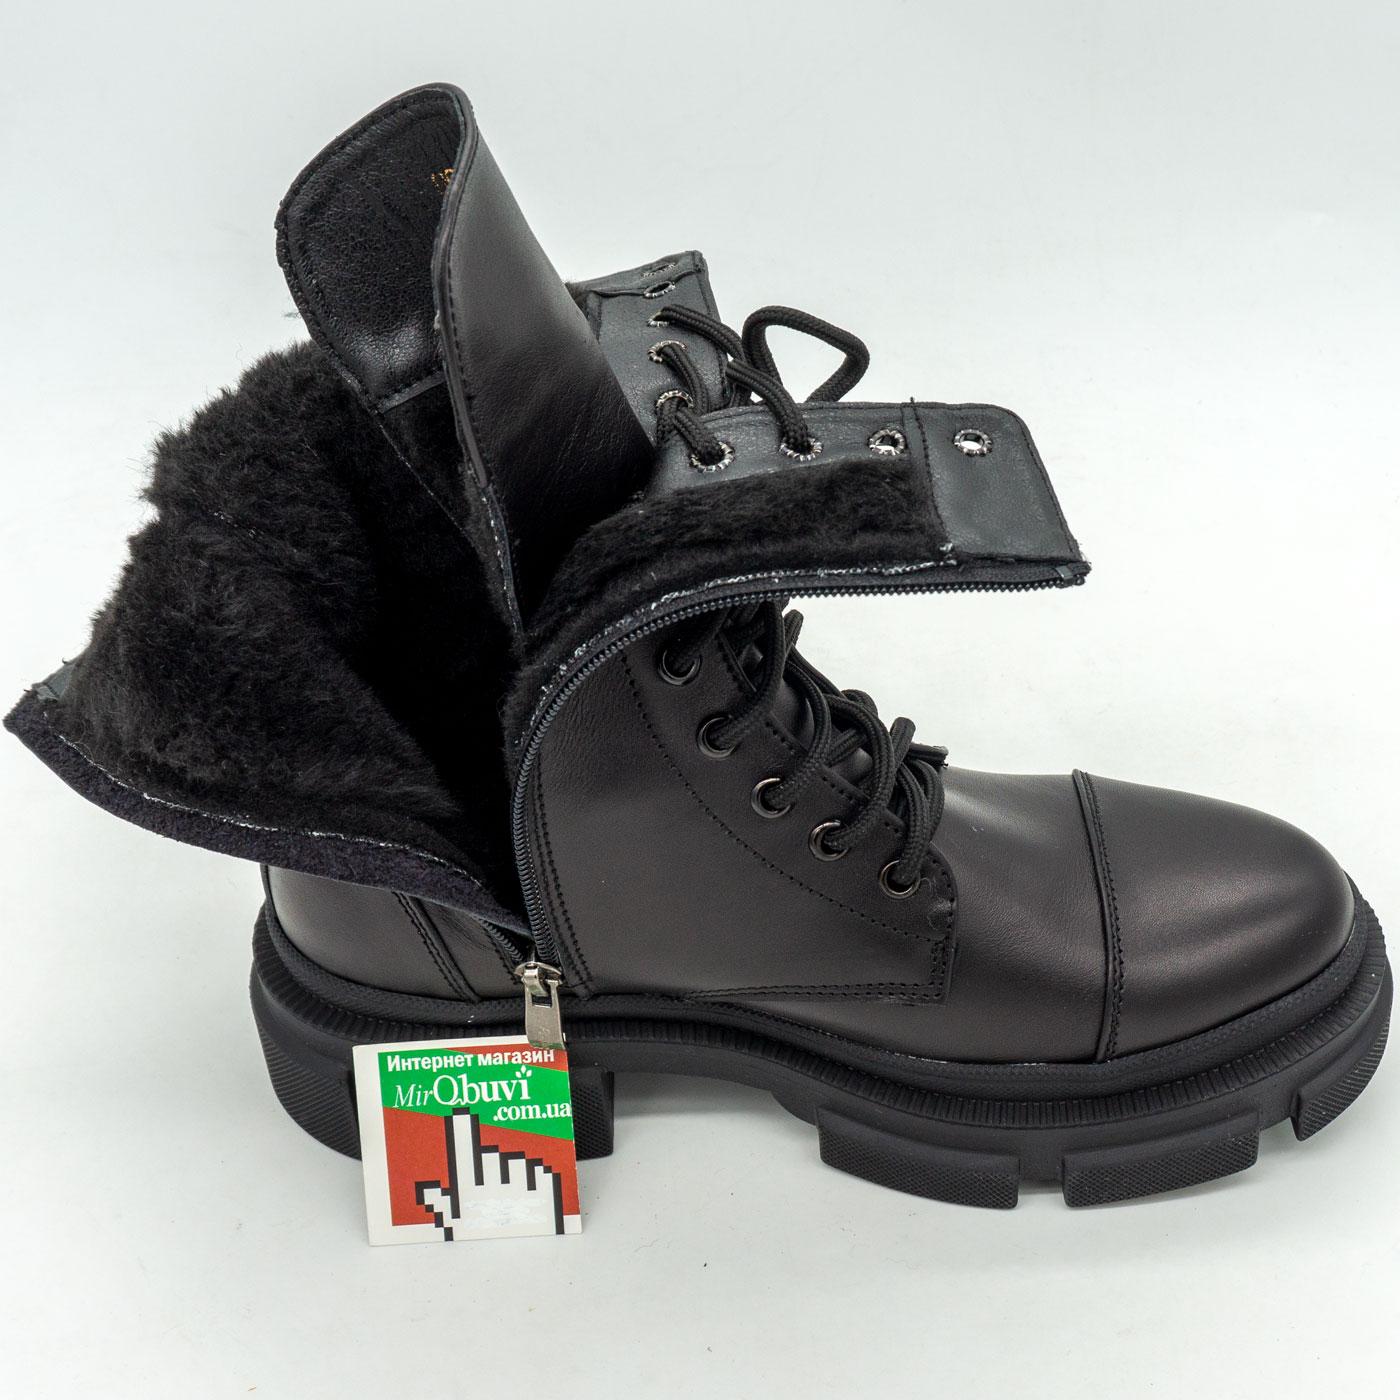 фото back Зимние черные женские ботинки в Dr. Martens на платформе - 0021 back